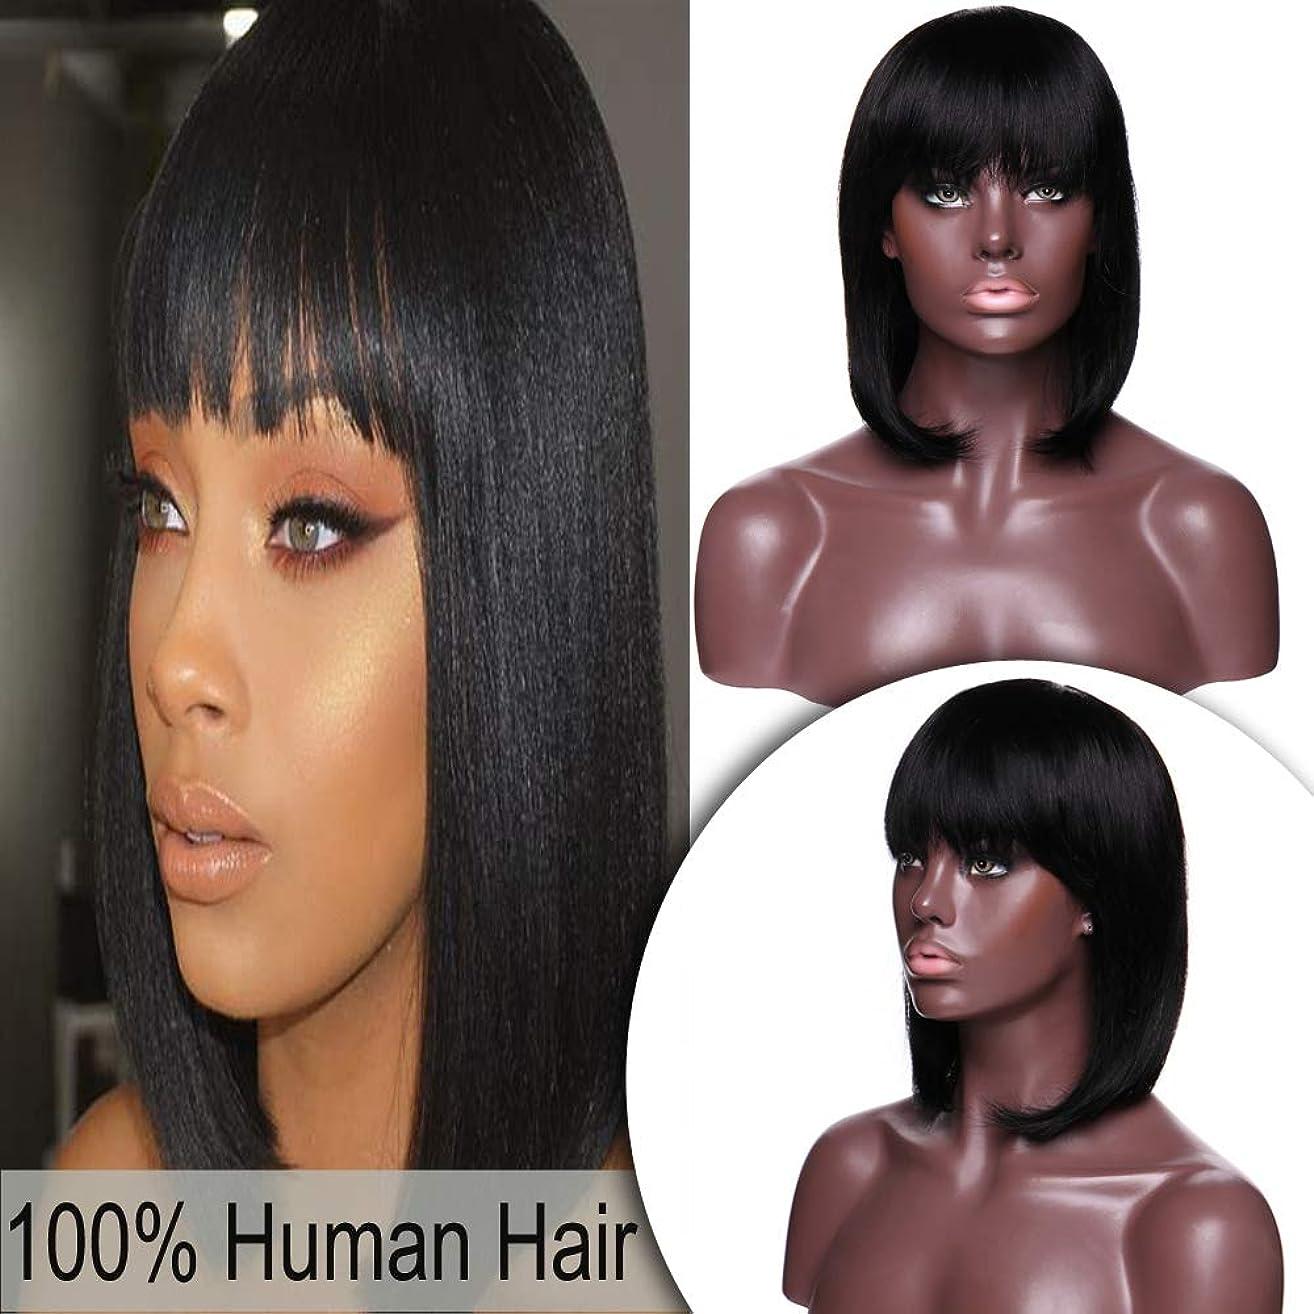 Human Hair Short Bob Wigs with Bangs 12